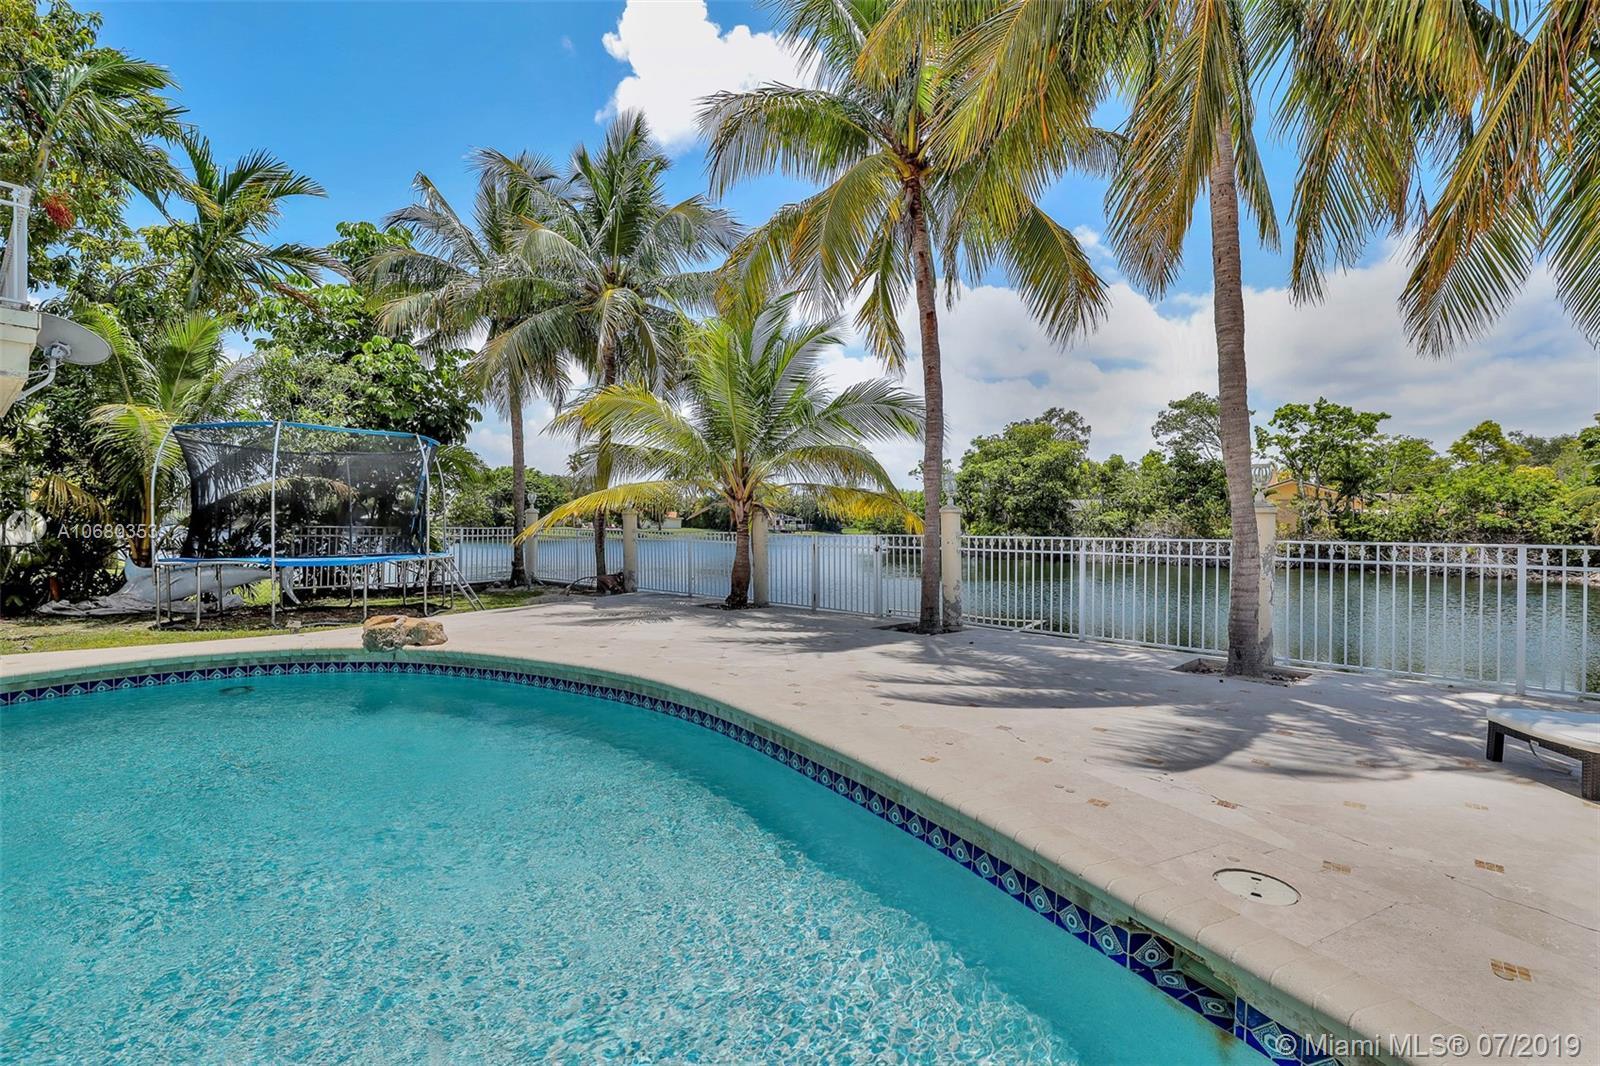 21430 Ne 23rd Ave Miami, FL 33180